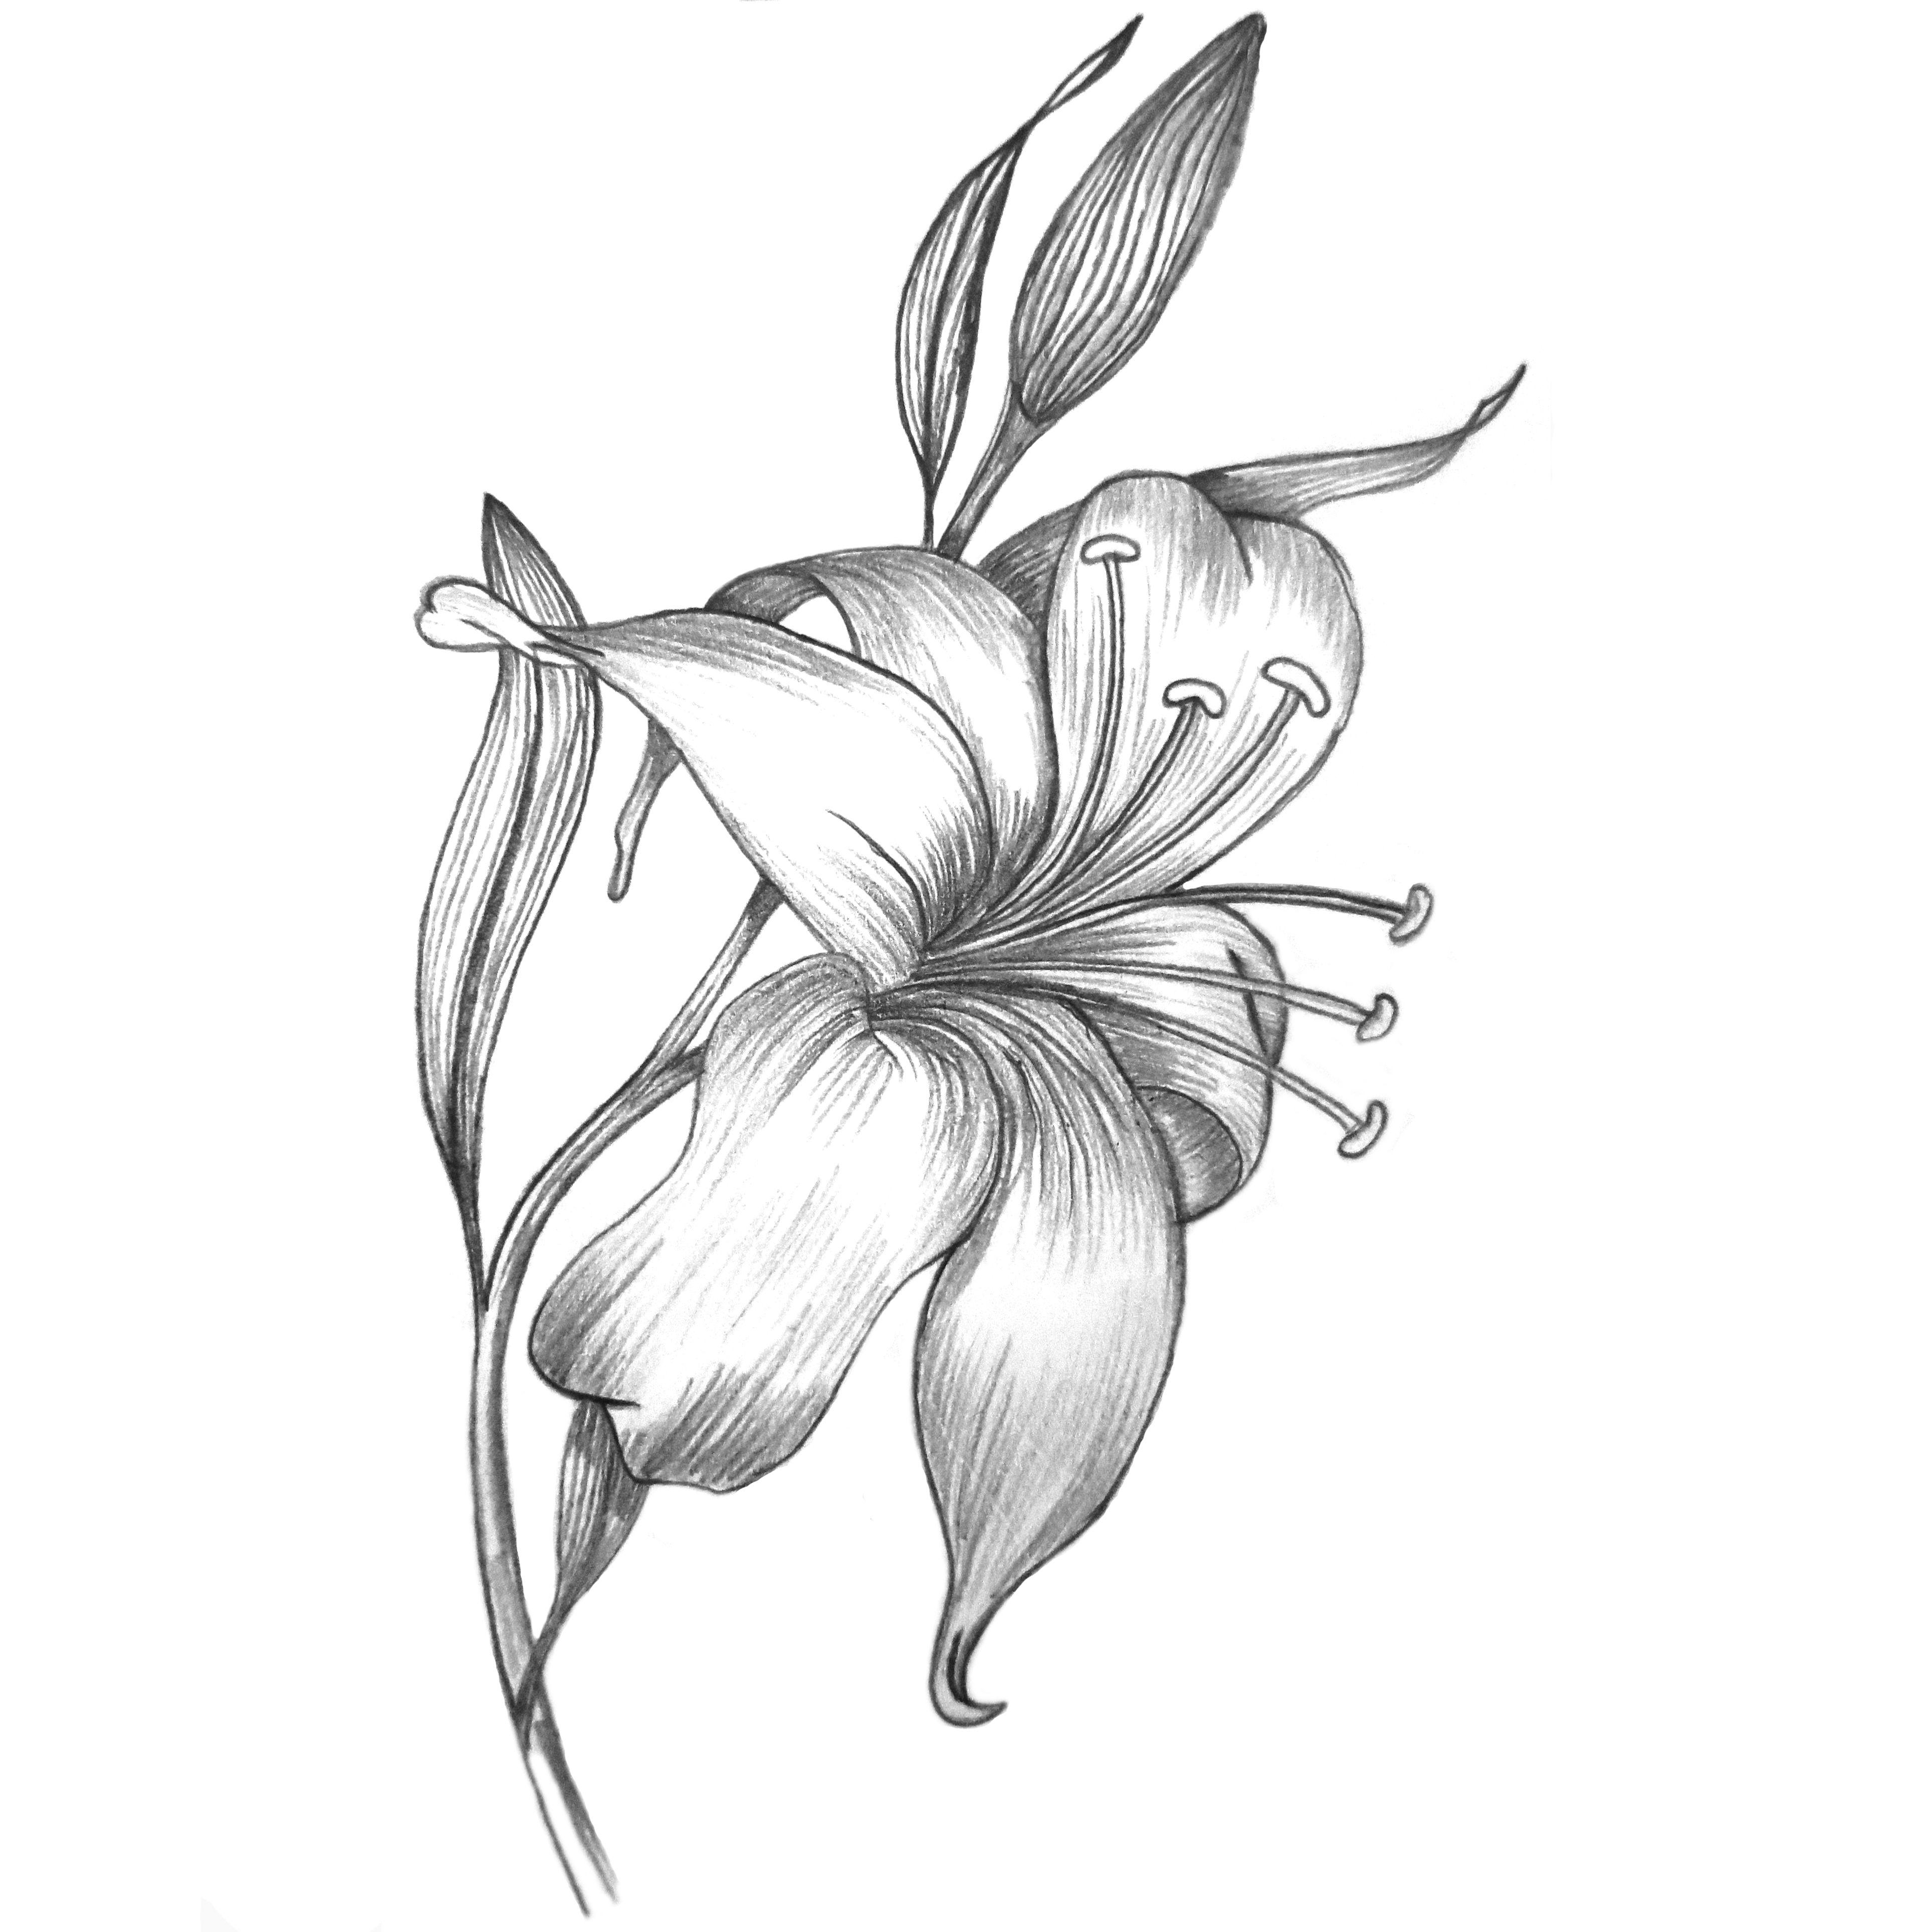 3855x3855 Pencil Sketch